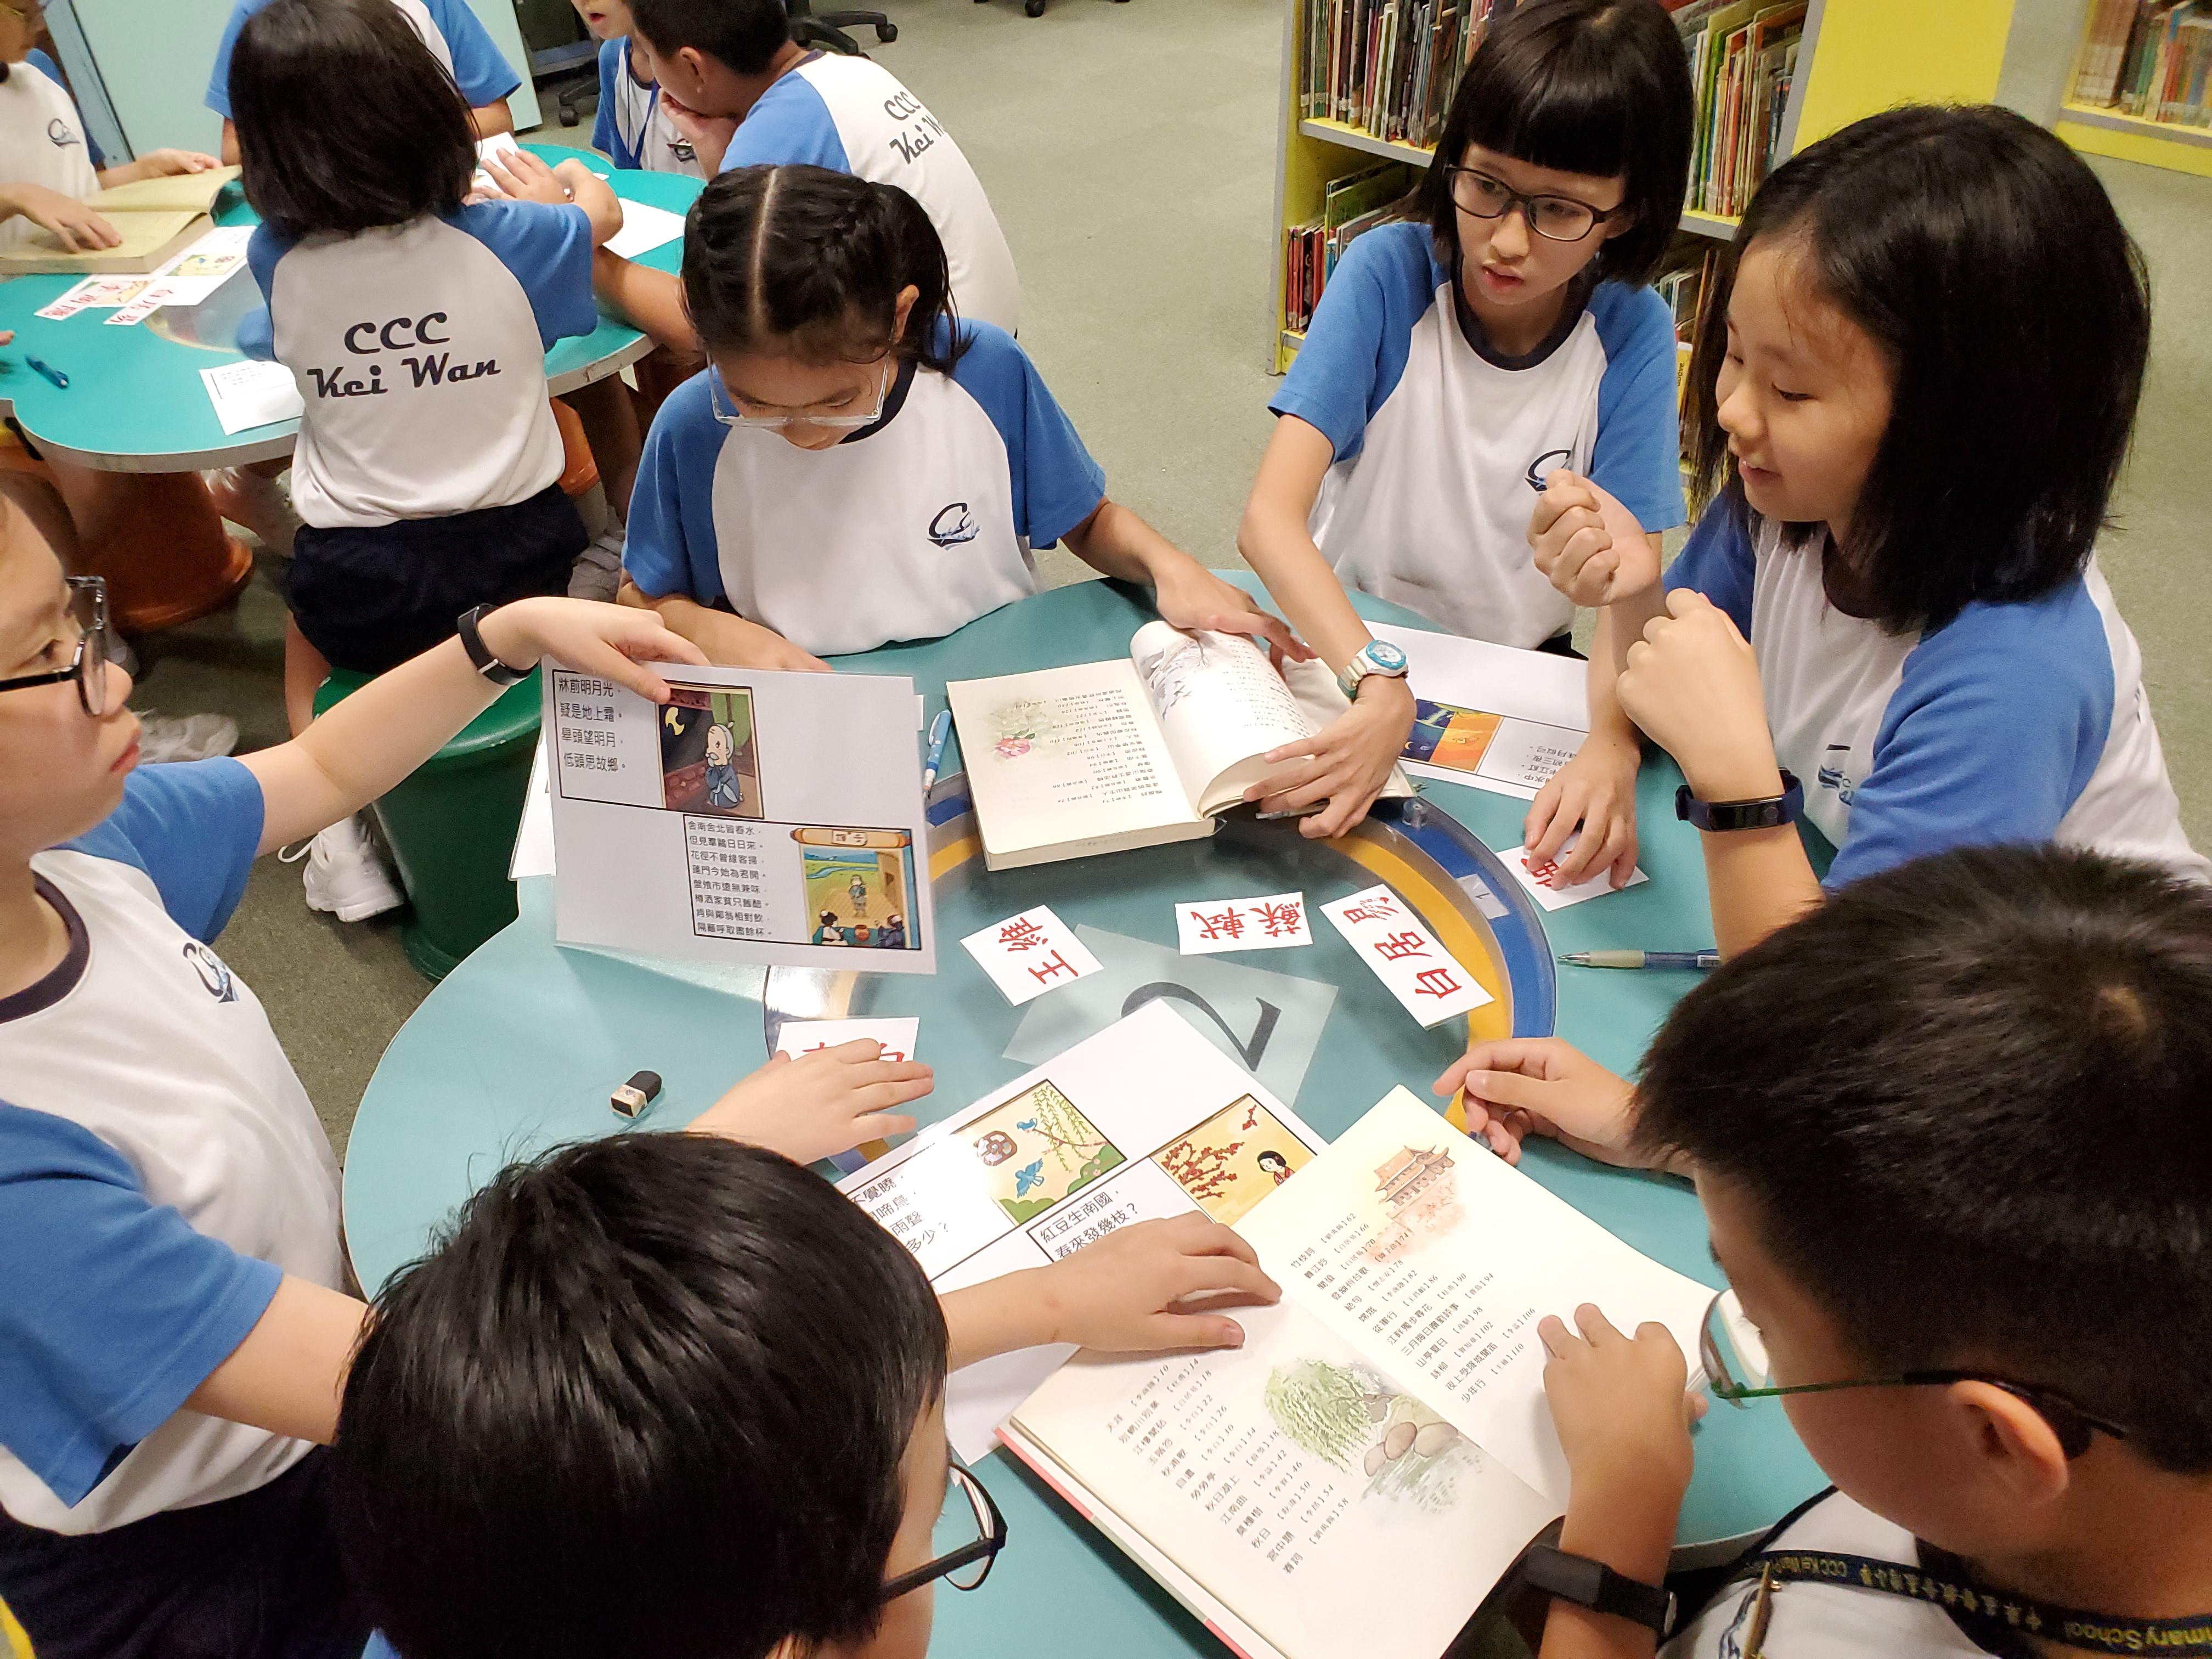 http://www.keiwan.edu.hk/sites/default/files/20191023_145953.jpg